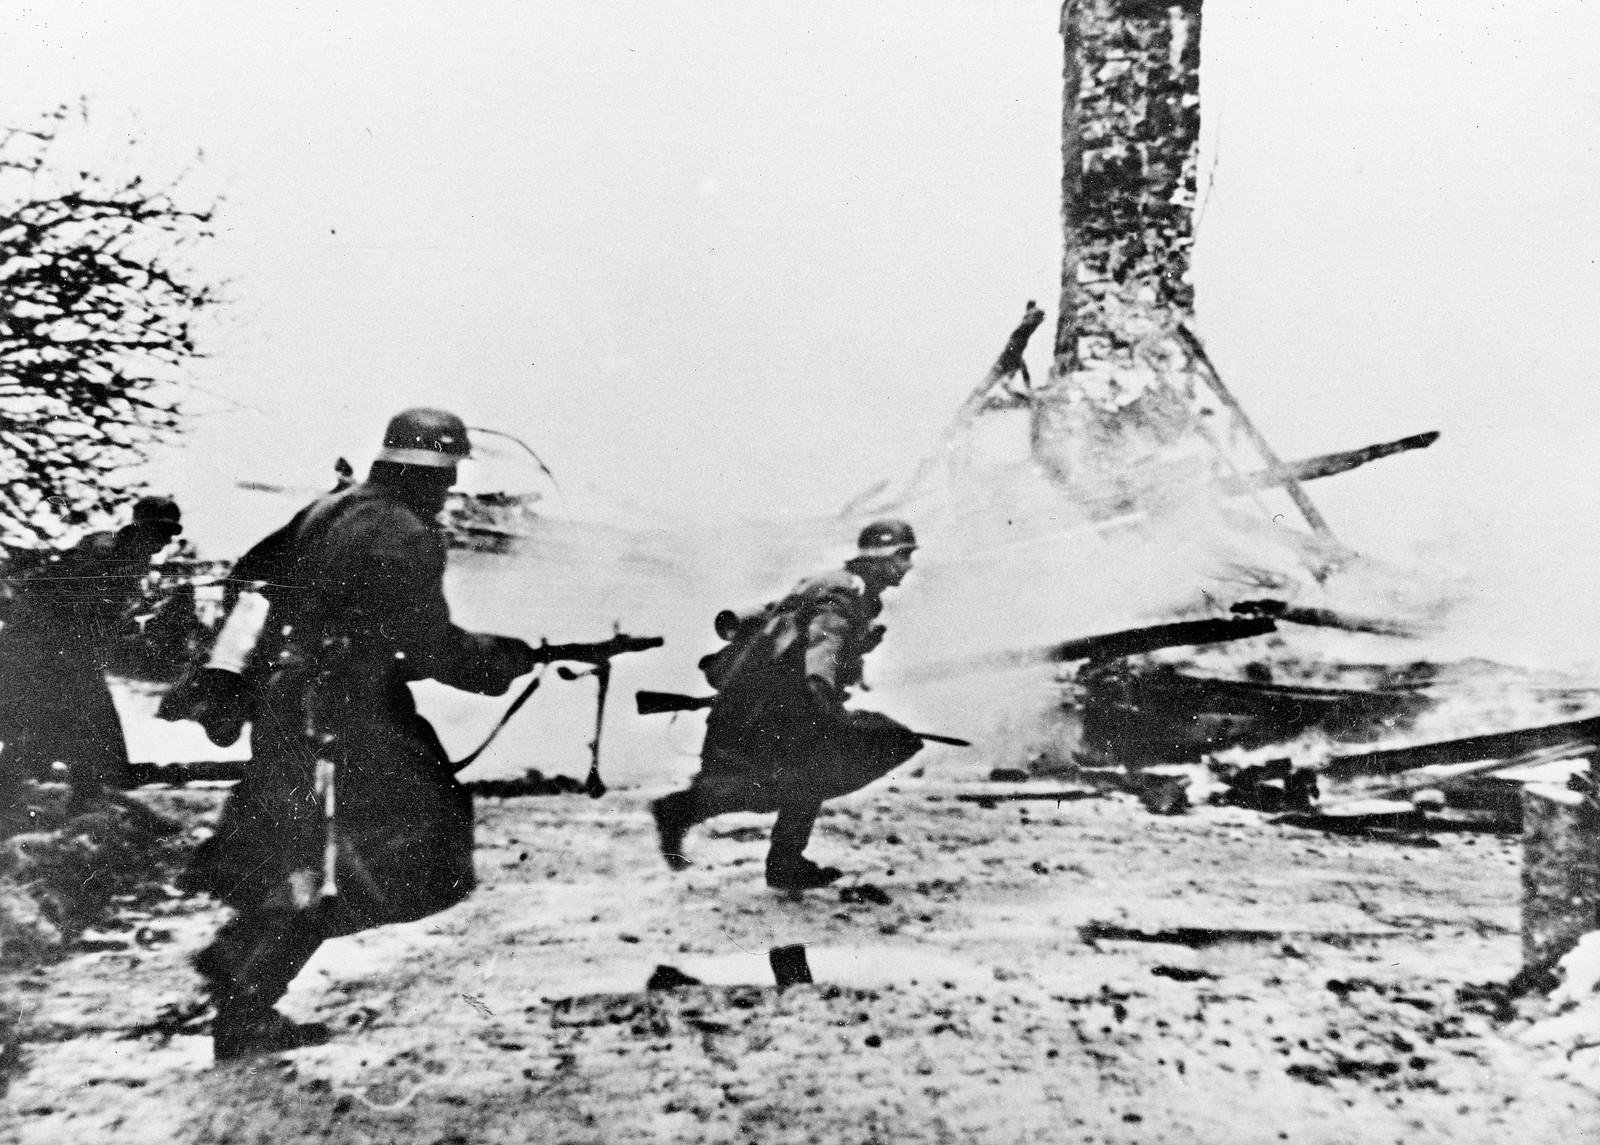 Det var kamper i Sør-Norge etter den tyske invasjonen, her fra Haugsbygd på Ringerike.